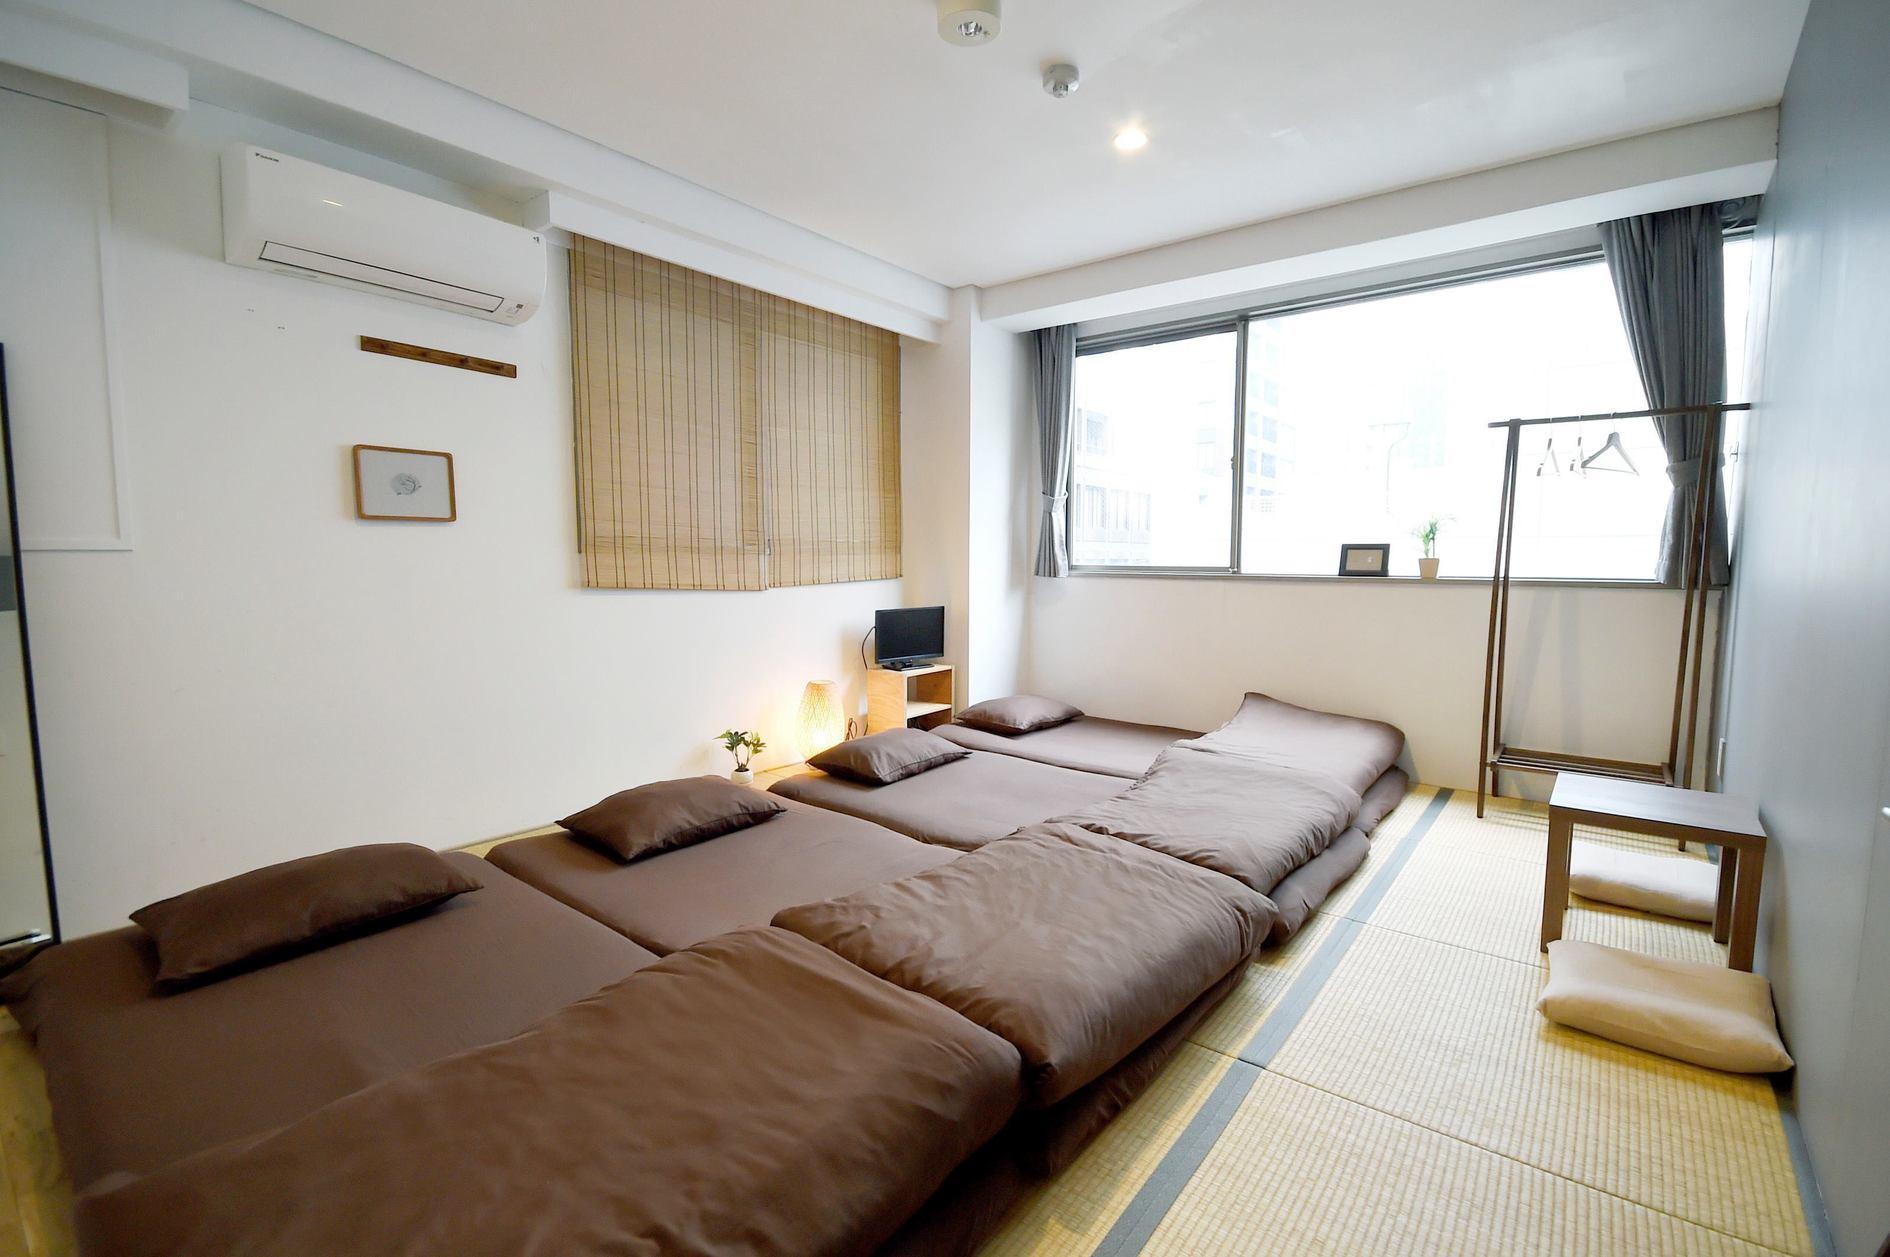 長堀橋駅より徒歩4分。共用部は18人まで、宿泊は30人まで利用可能。お茶会、会議、合宿など様々な用途にお使いいただけます。 の写真